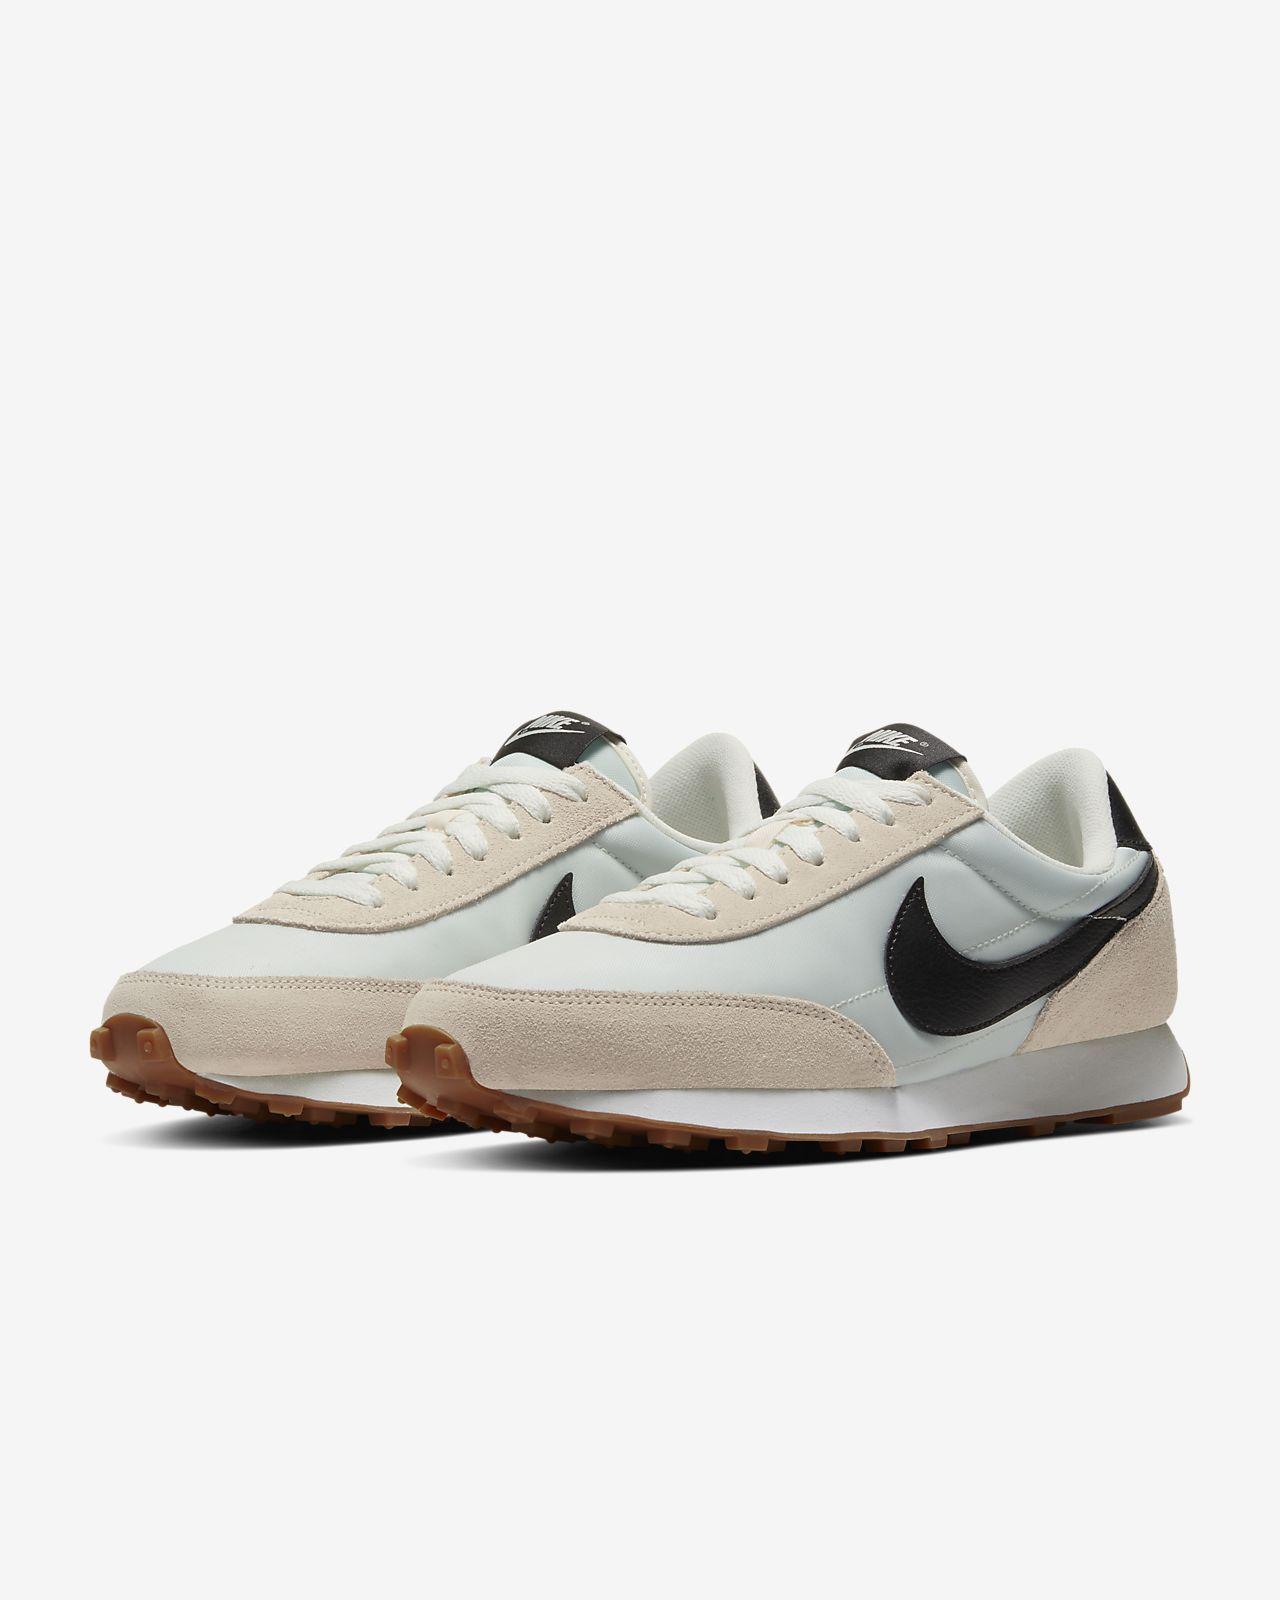 Nike daybreak womens shoe shoes women shoes